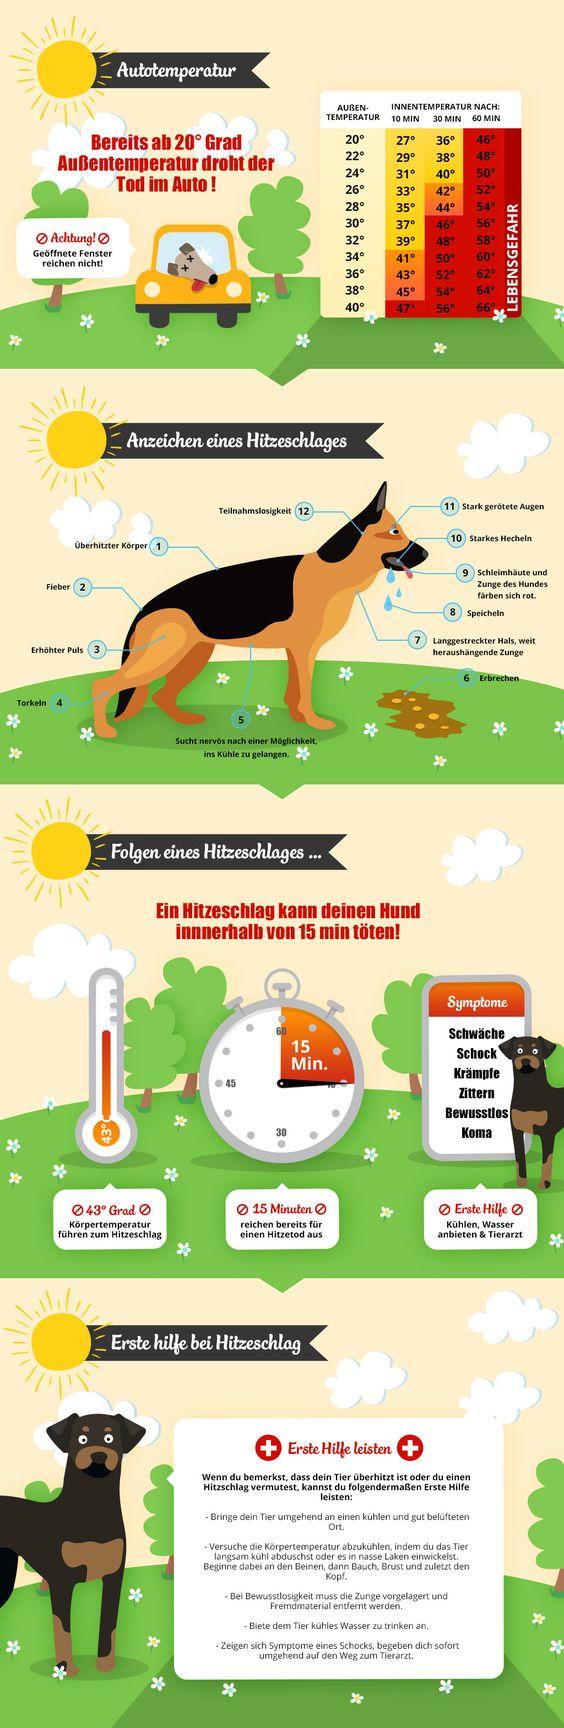 kuhles stiefmutterchen pflegetipps und nutzliche infos kollektion bild der aeecbcccfa infographic akita